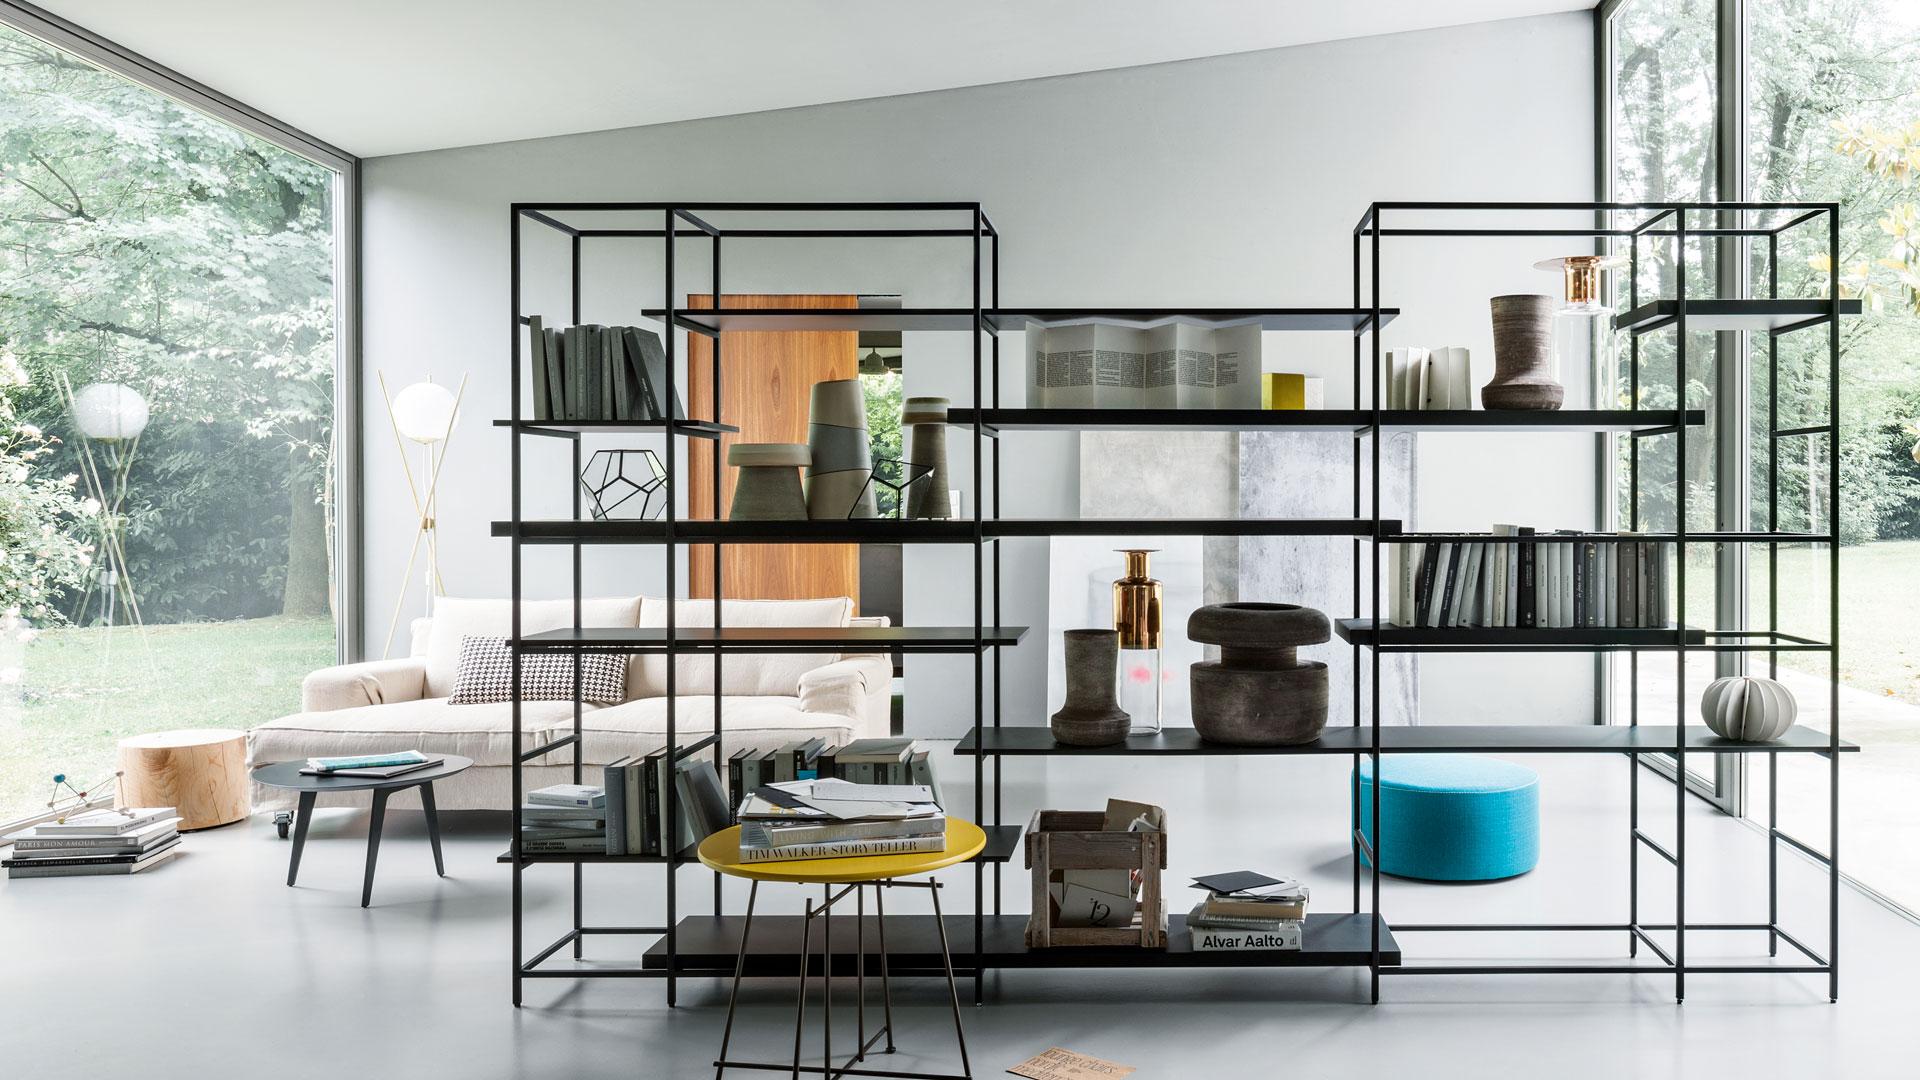 Librerie divisorie 15 idee per usarle bene living corriere for Arredamento d interni idee